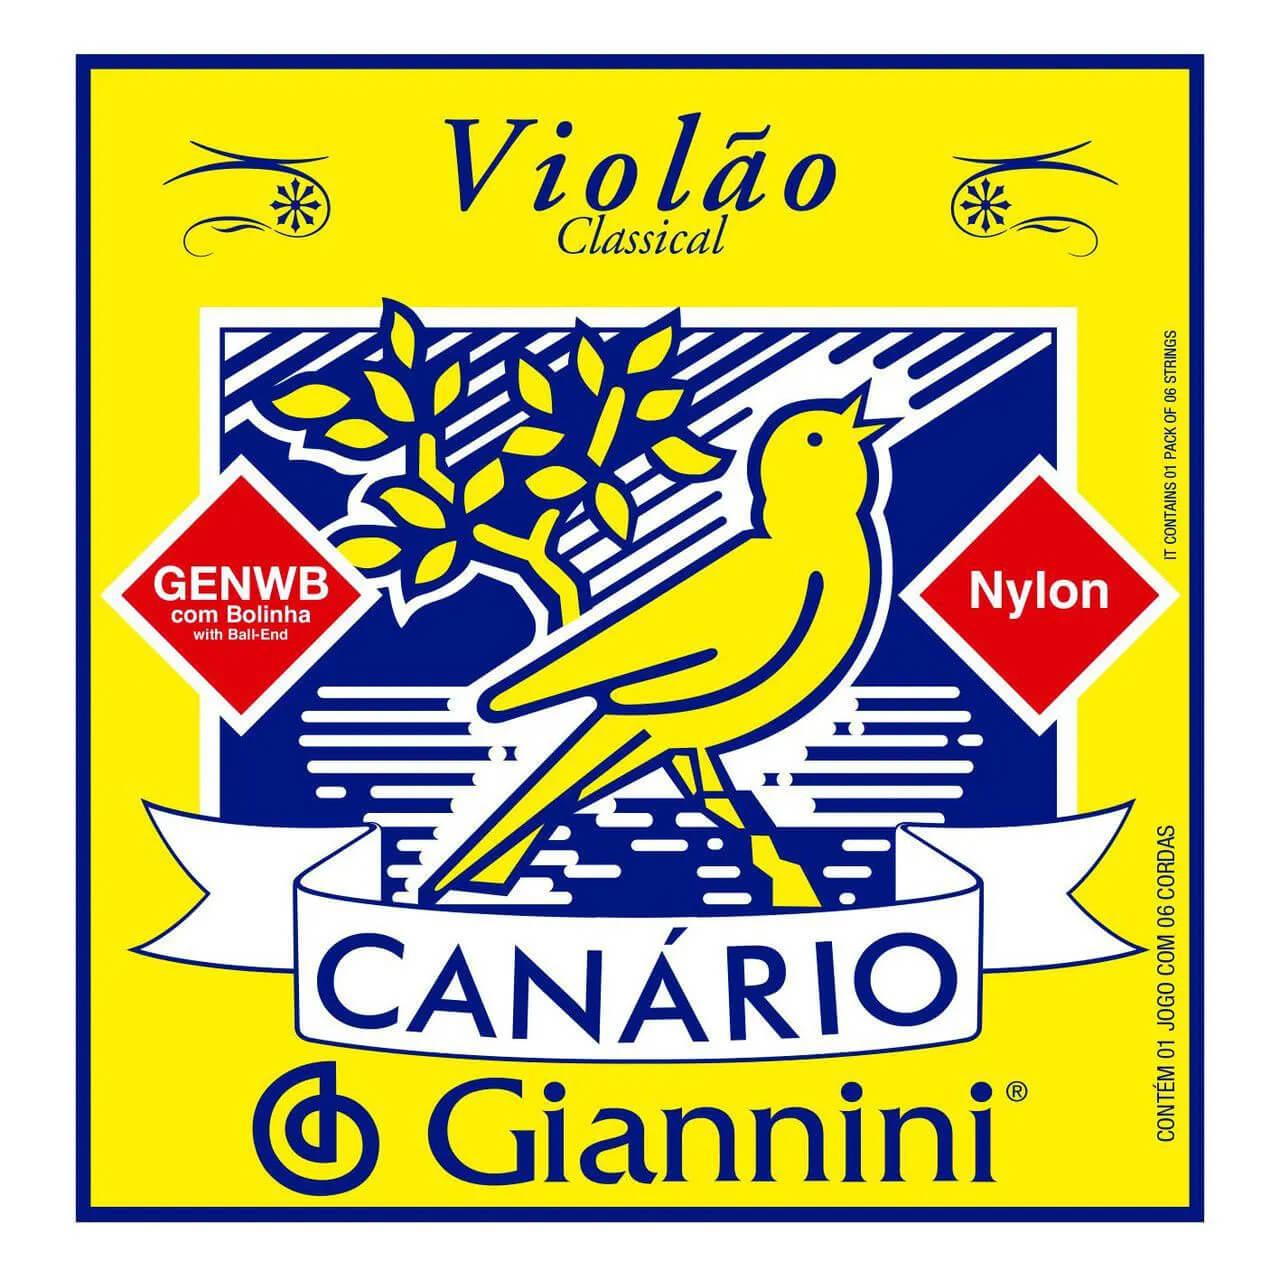 Kit 3 Encordoamentos Violão Nylon Canário Giannini GENWB